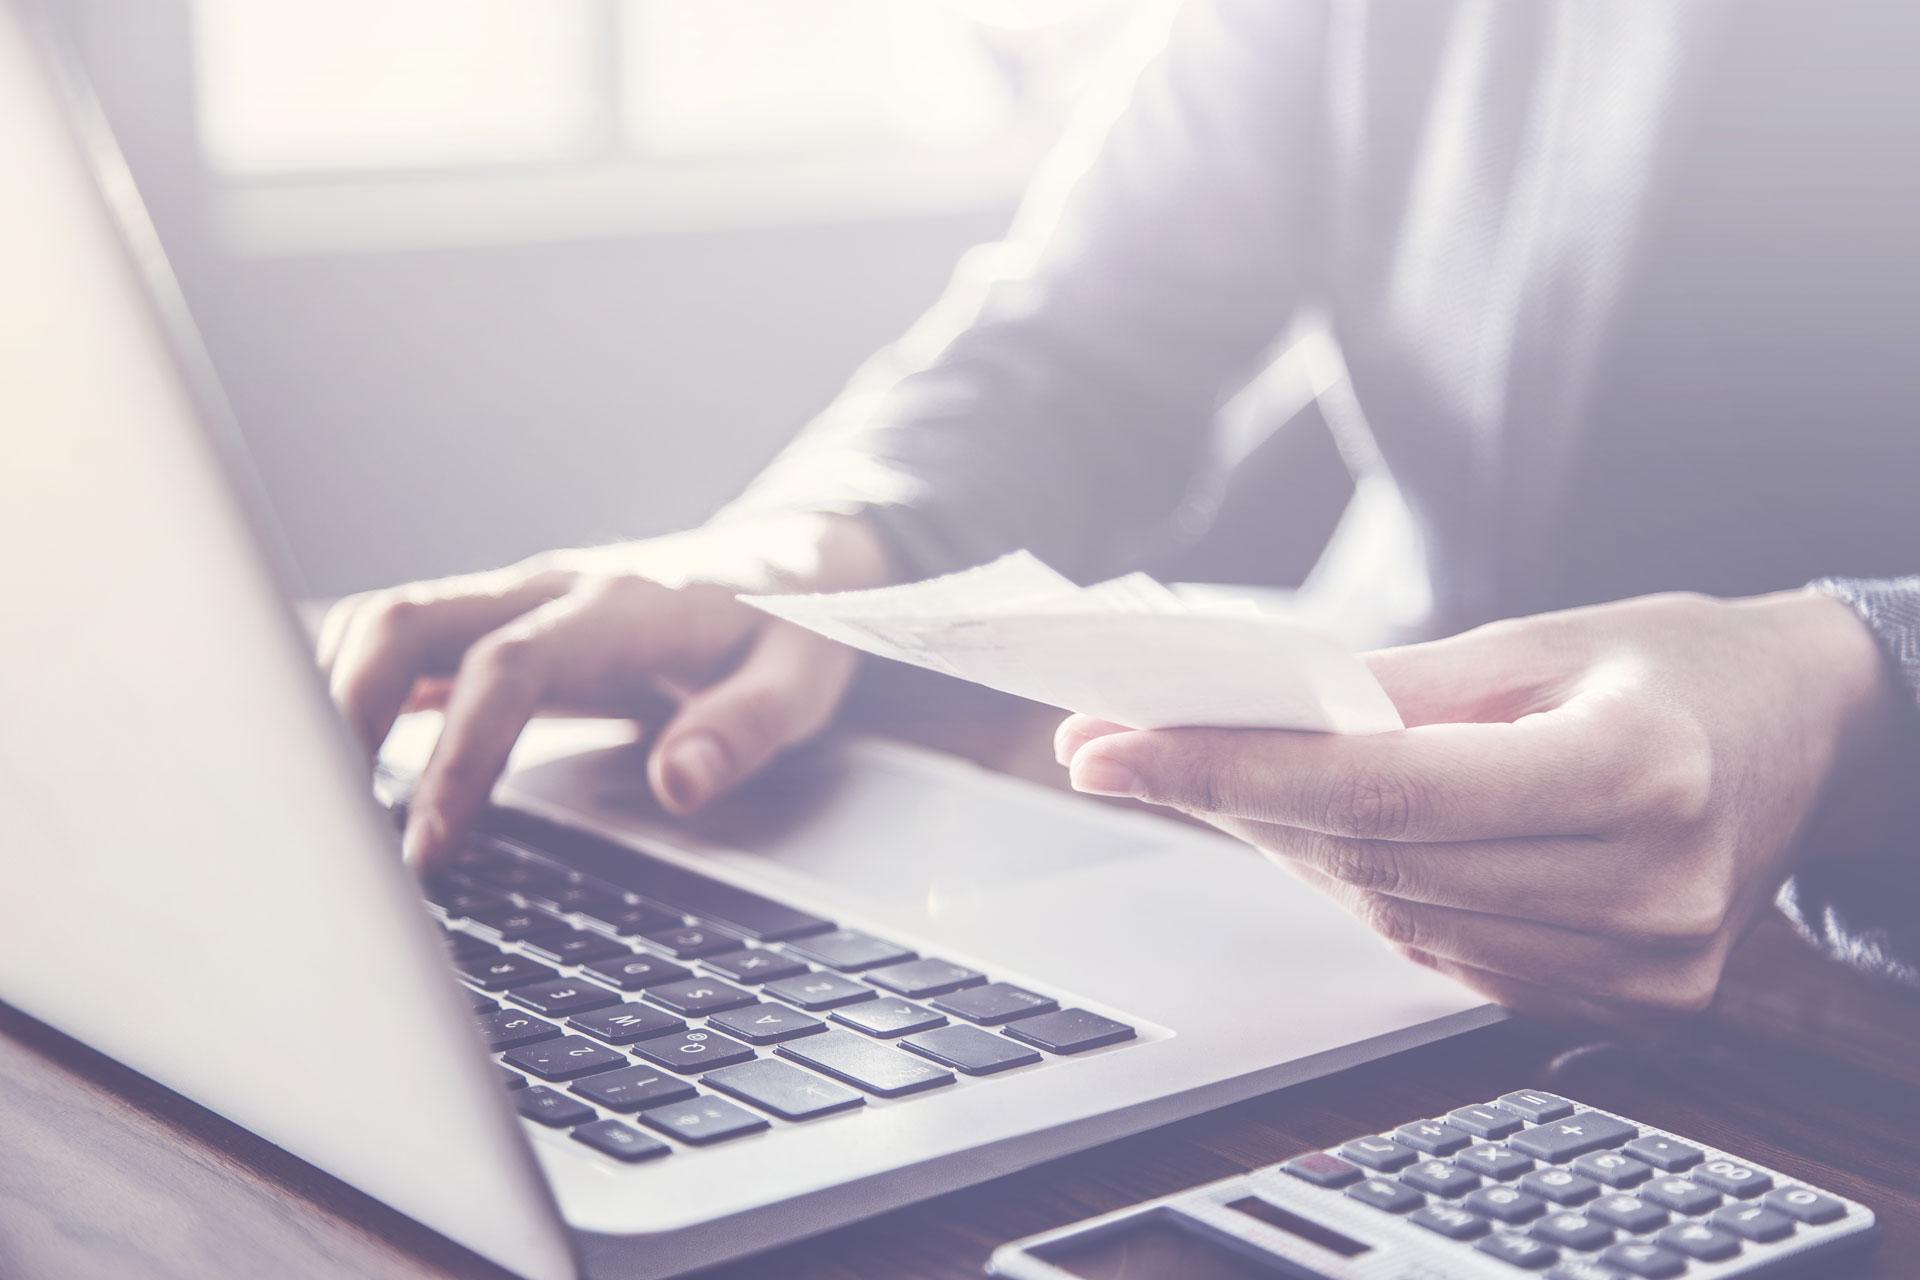 Effizienteres Arbeiten und eine höhere Produktivität durch eine elektronische Rechnungsverarbeitung